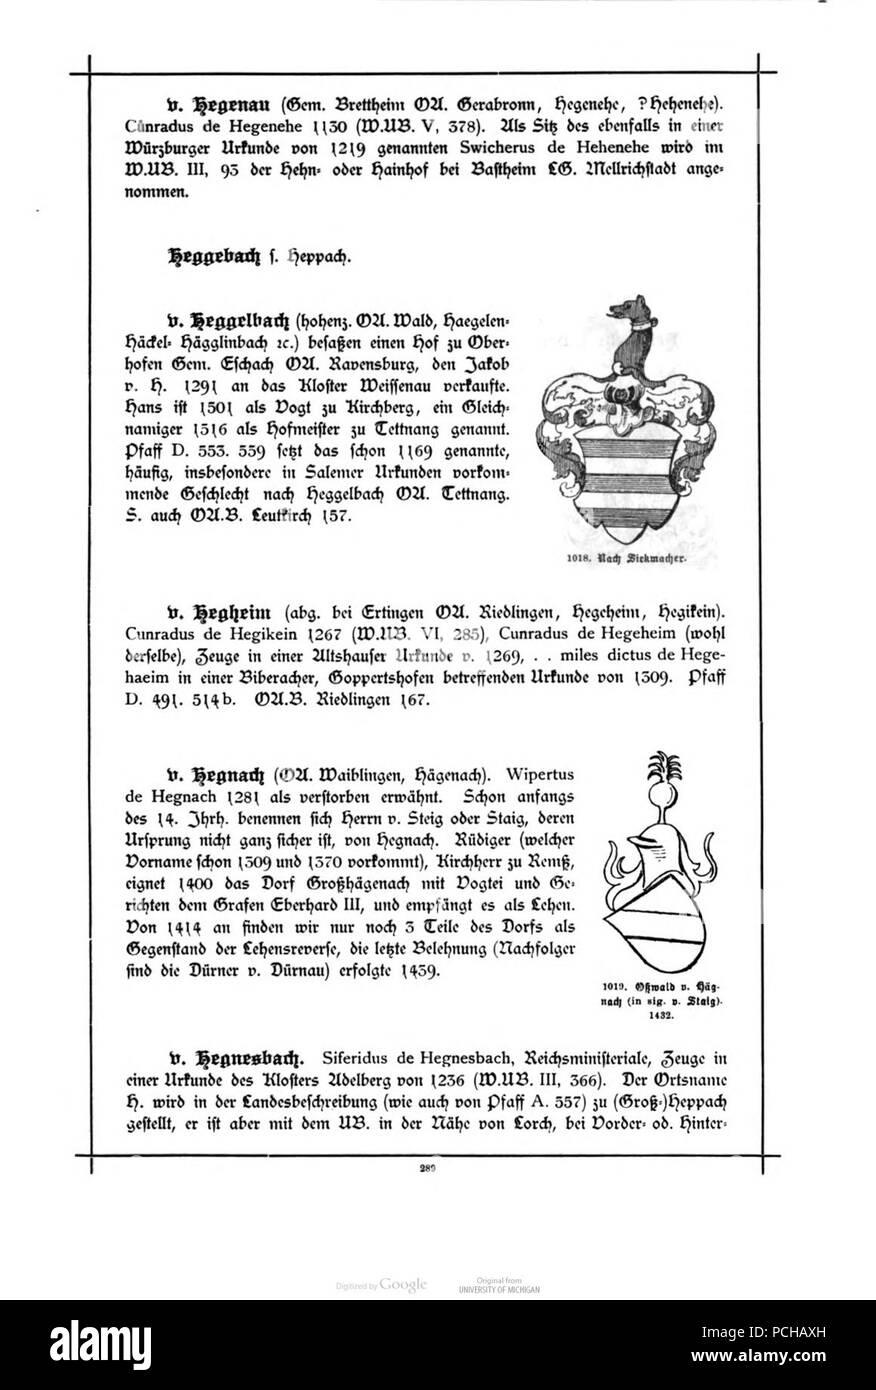 Alberti Wuerttembergisches Adels- und Wappenbuch 0289 Stock